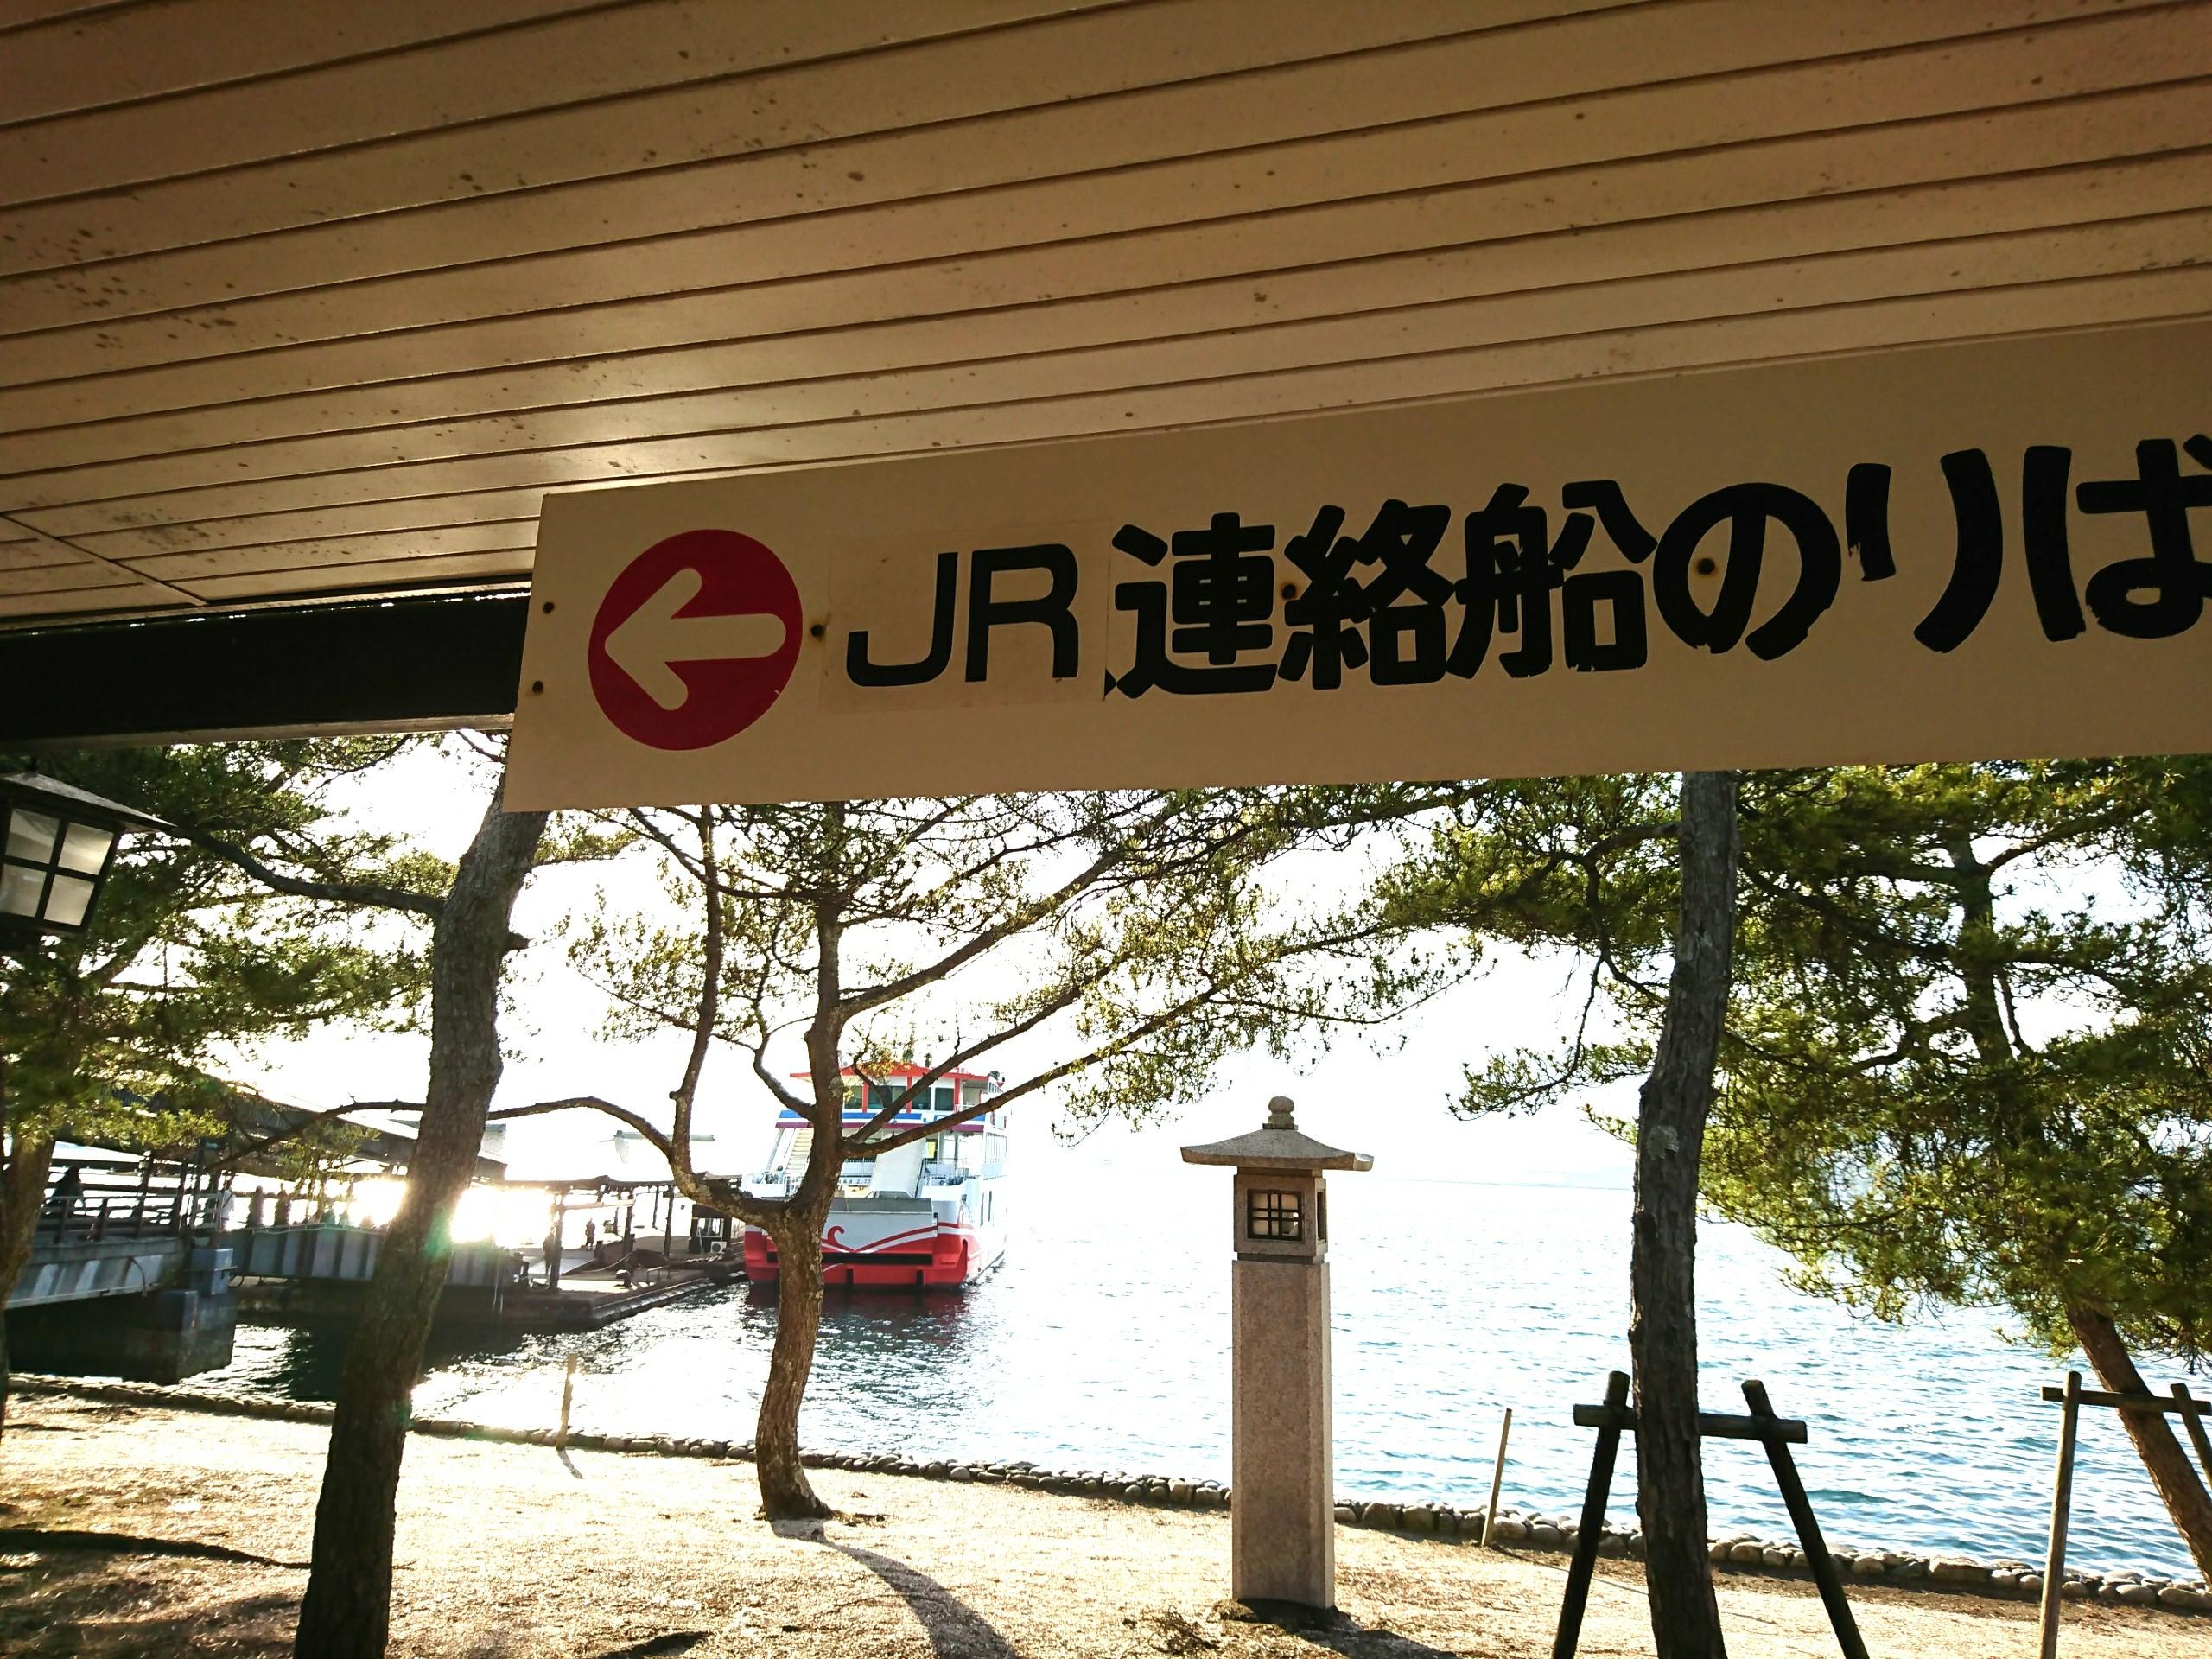 f:id:SI15_kyoko:20170627192913j:image